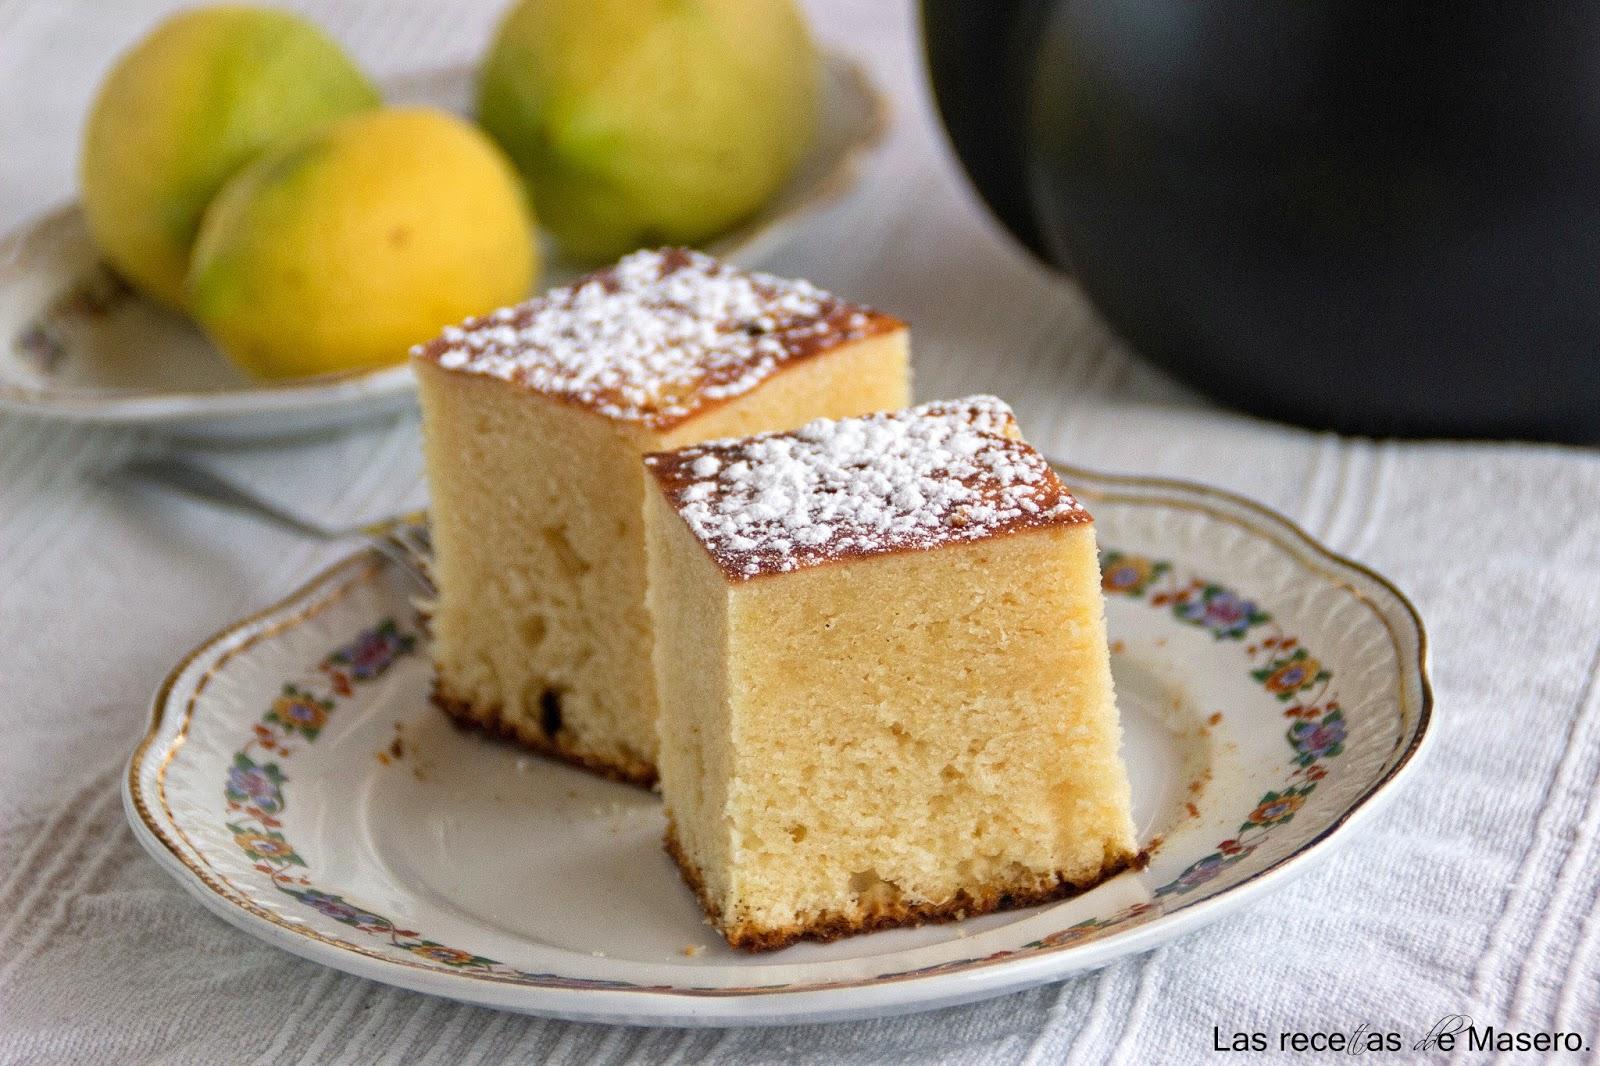 Las recetas de masero bizcocho esponjoso de lim n for Bizcocho limon esponjoso